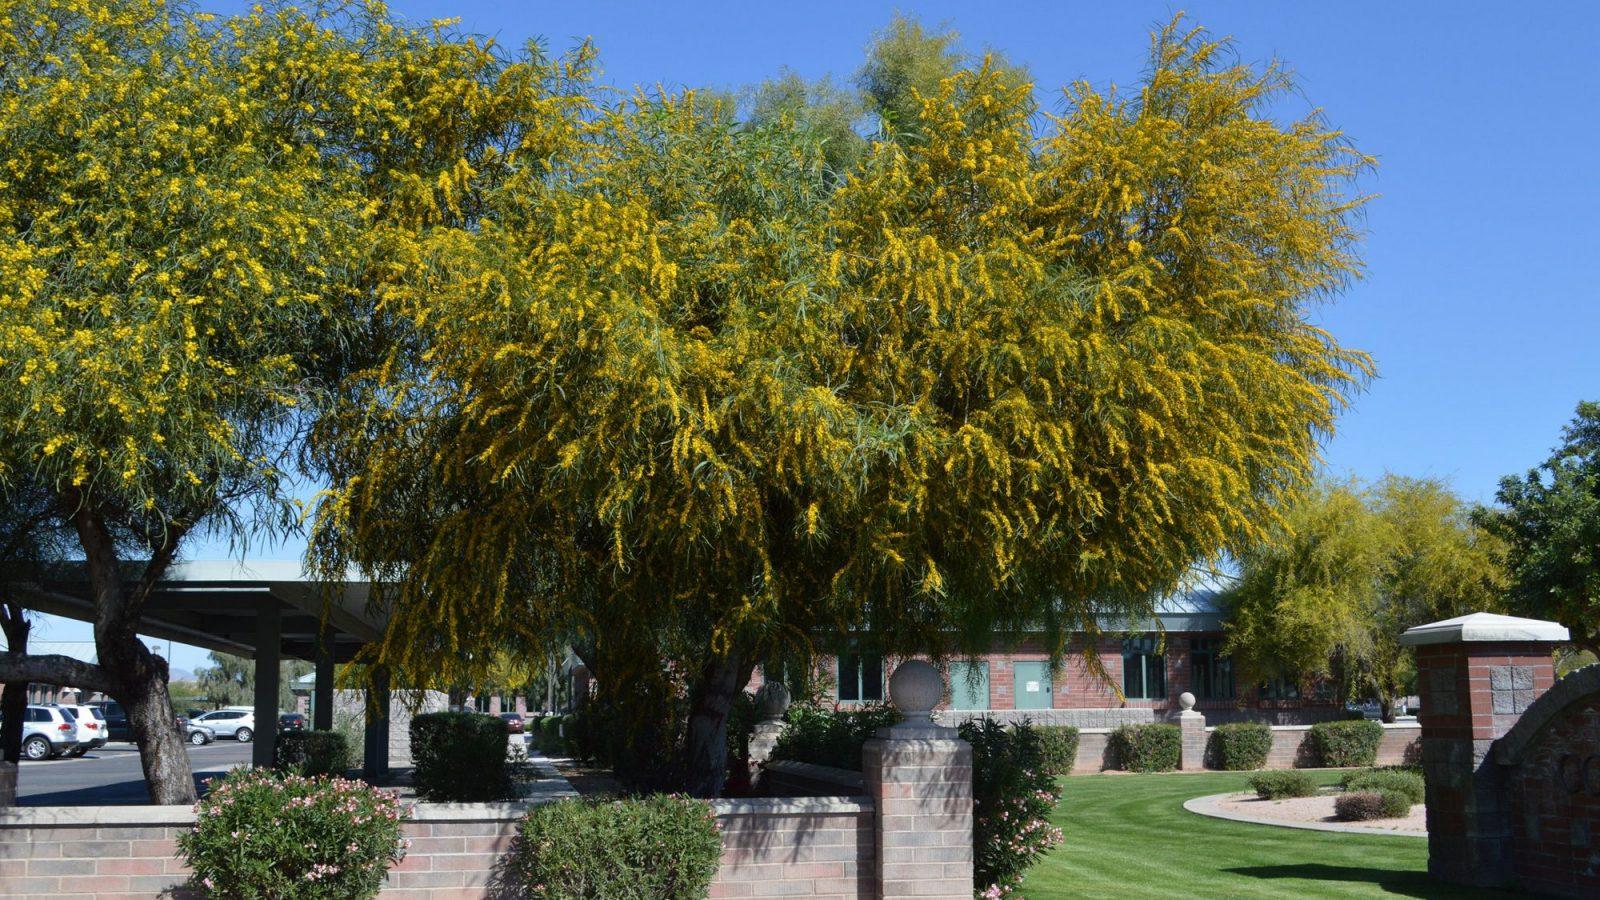 Acacia Saligna Tree